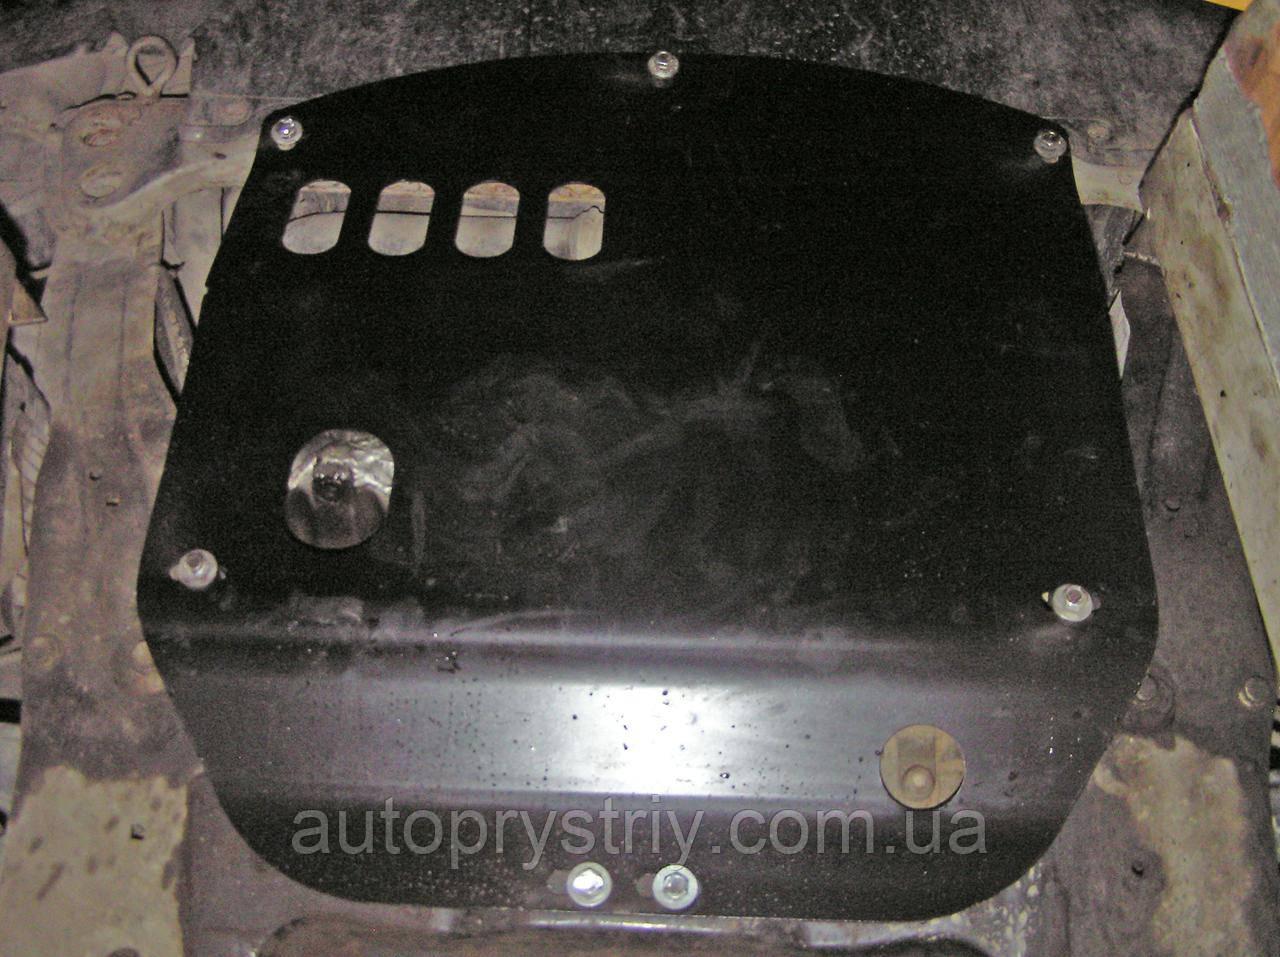 Защита двигателя и КПП Peugeot Expert (1994-2006) 1.9 D